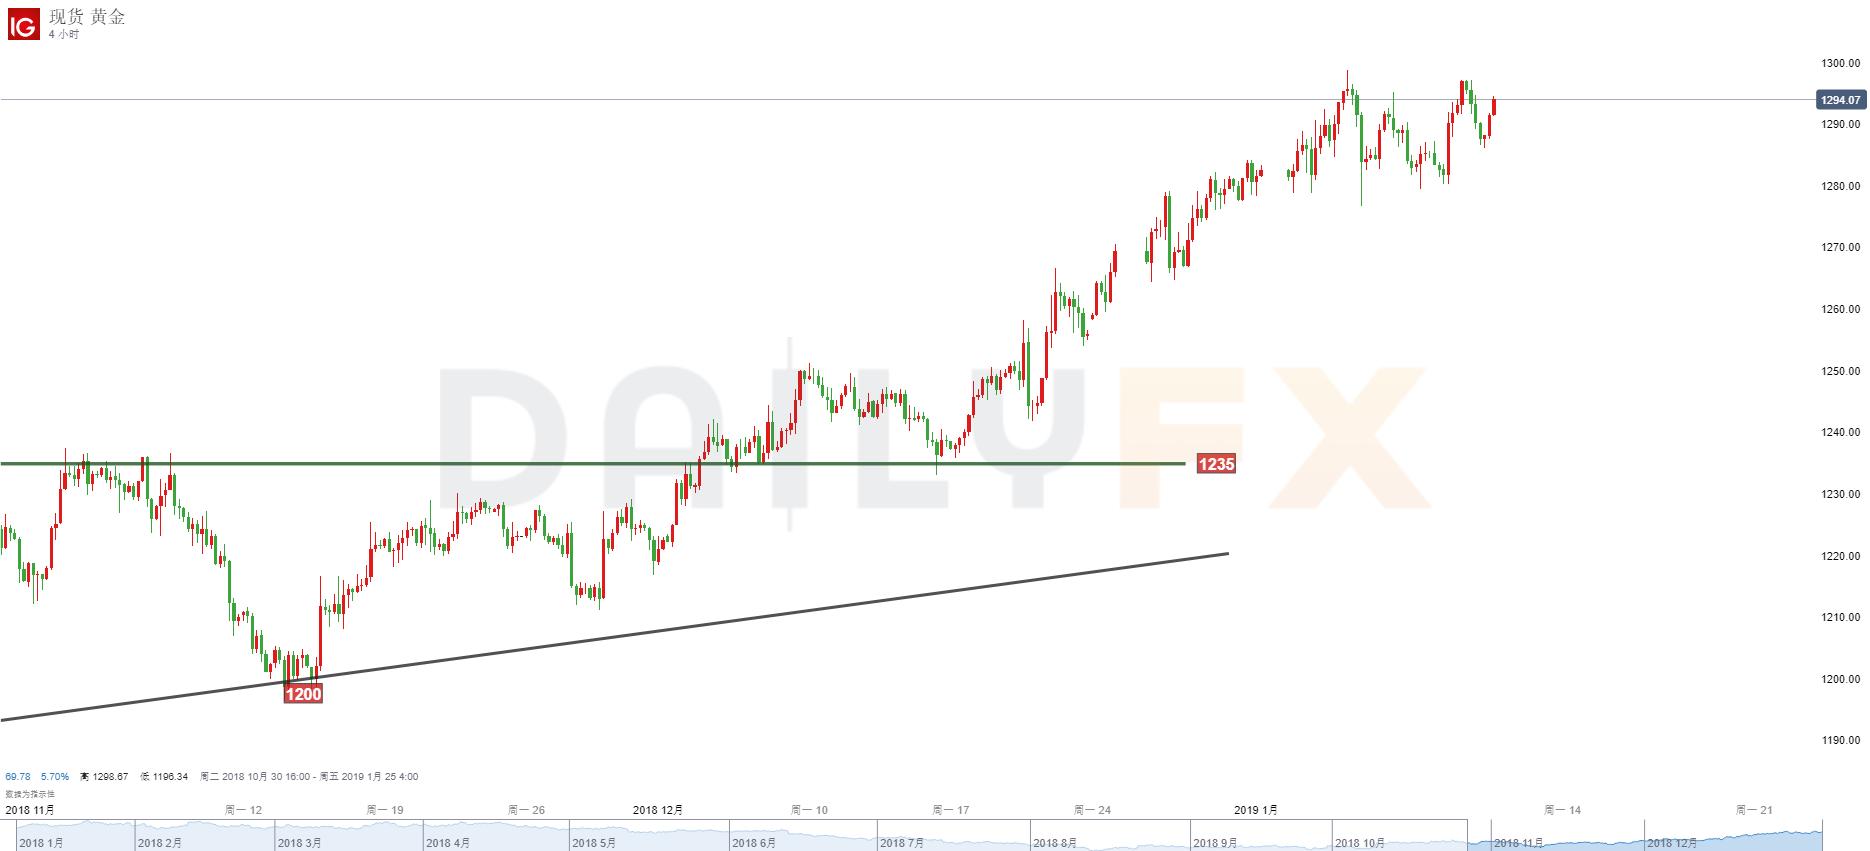 黃金/美元技術分析:繼續關注1280-1300高位區間的突破